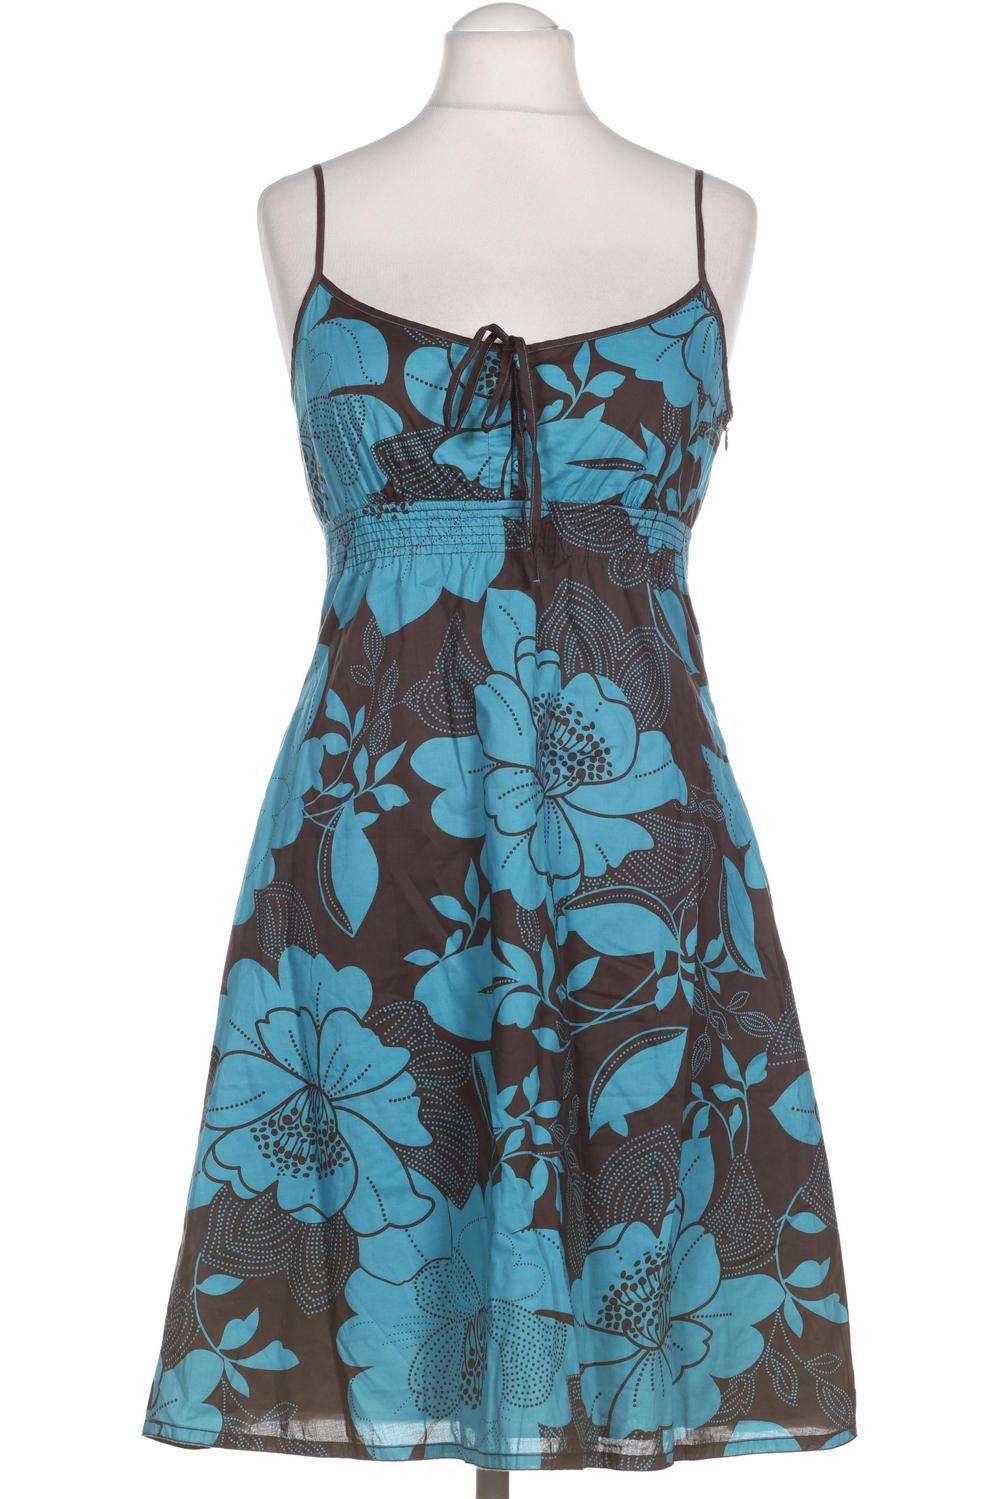 details zu esprit kleid damen dress damenkleid gr. de 38 baumwolle blau  b7d0a7e